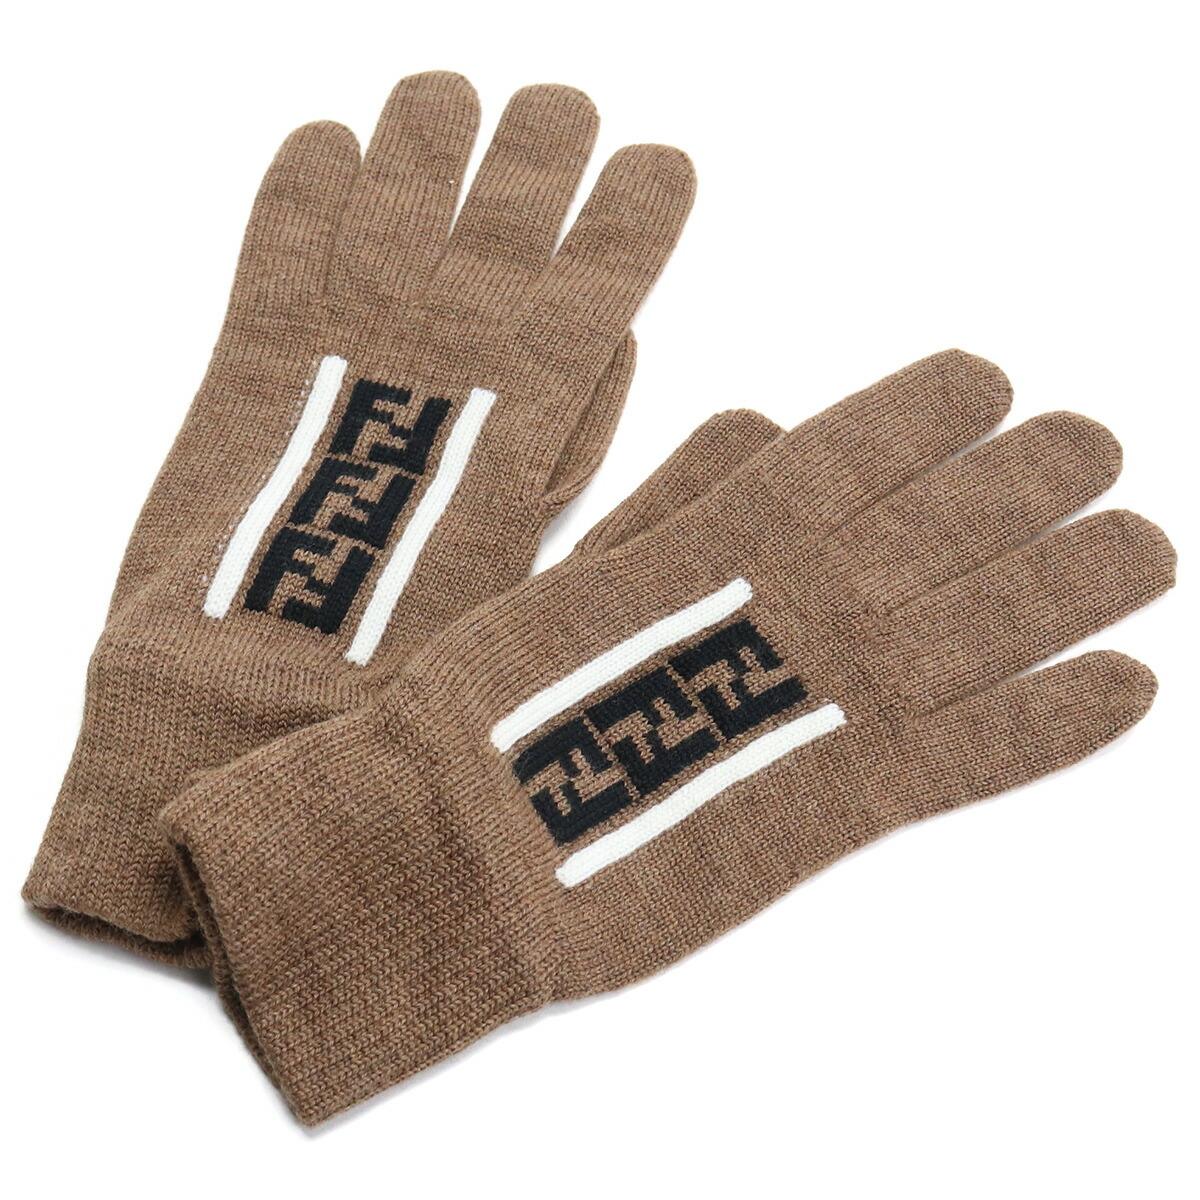 フェンディ FENDI メンズ-グローブ FFロゴ ウール FXY010 AA11 F19SF ブラウン系 bos-15 warm-03 glove-01 メンズ